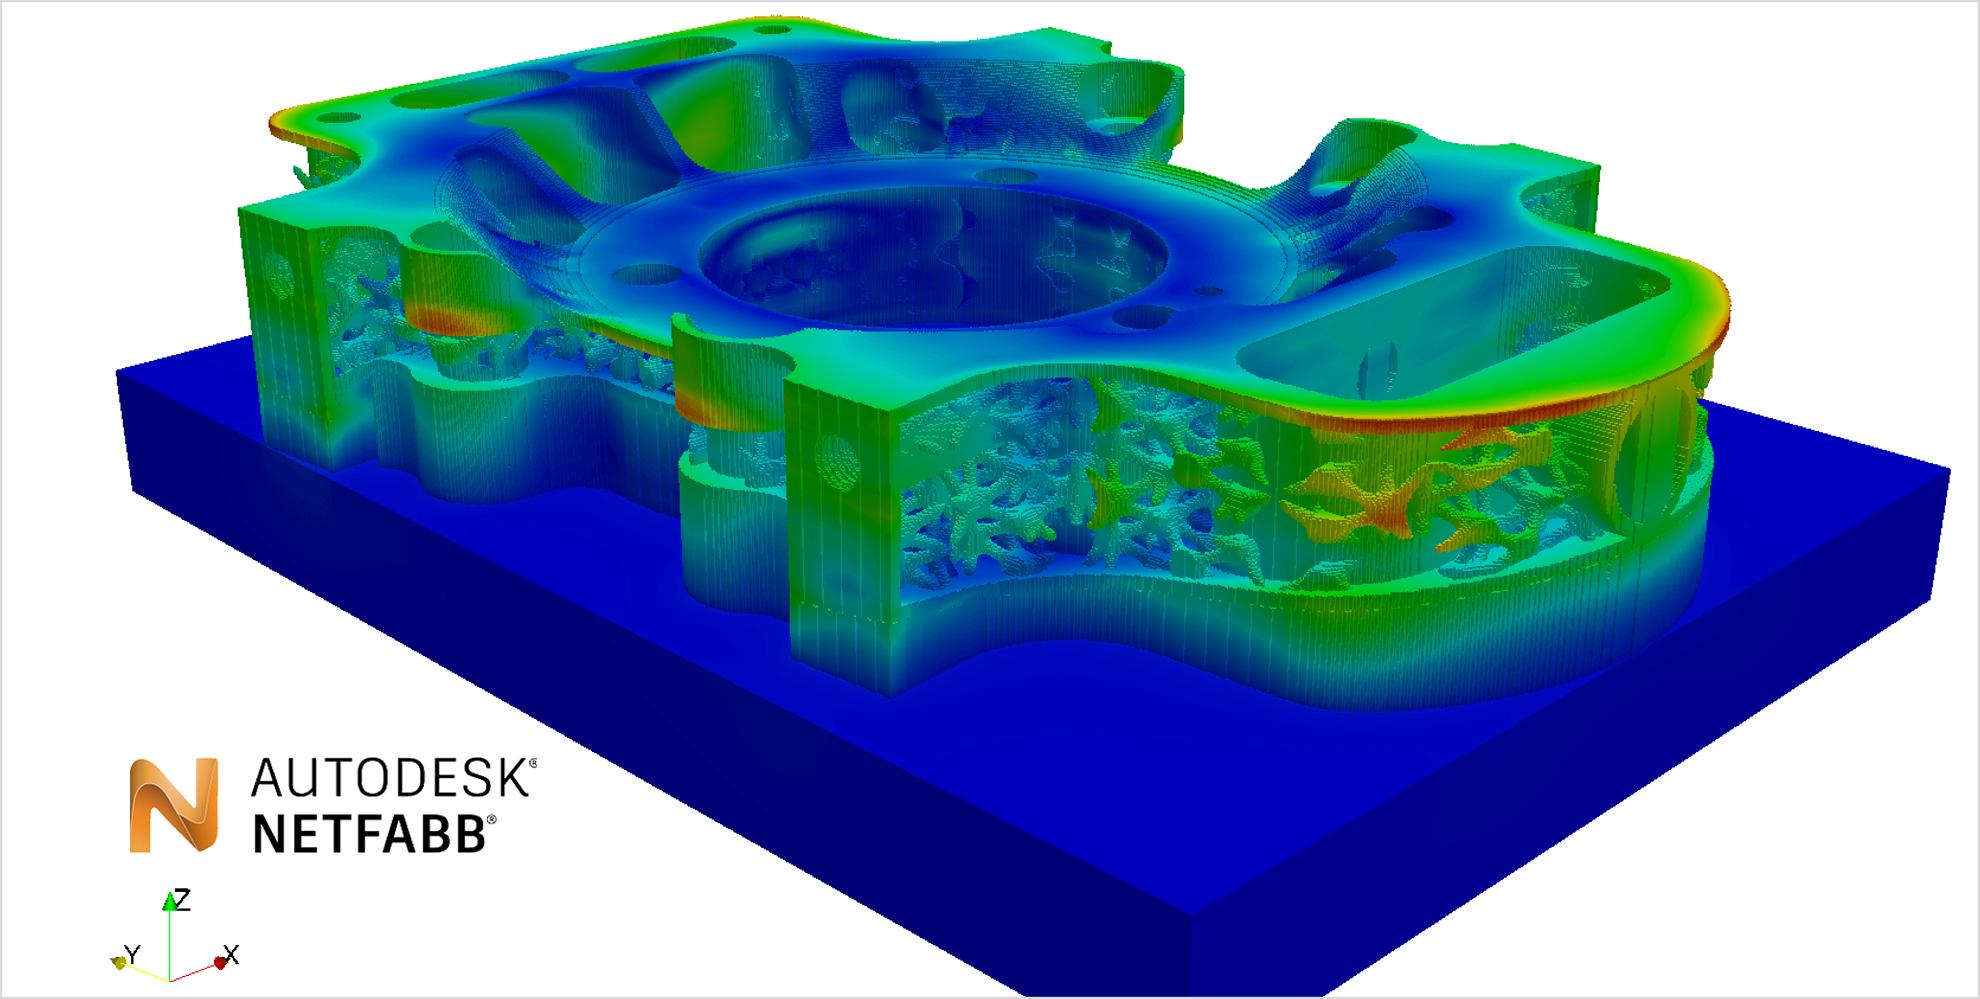 高度な積層解析エンジンを搭載 金属積層造形時の残留応力やひずみを分析